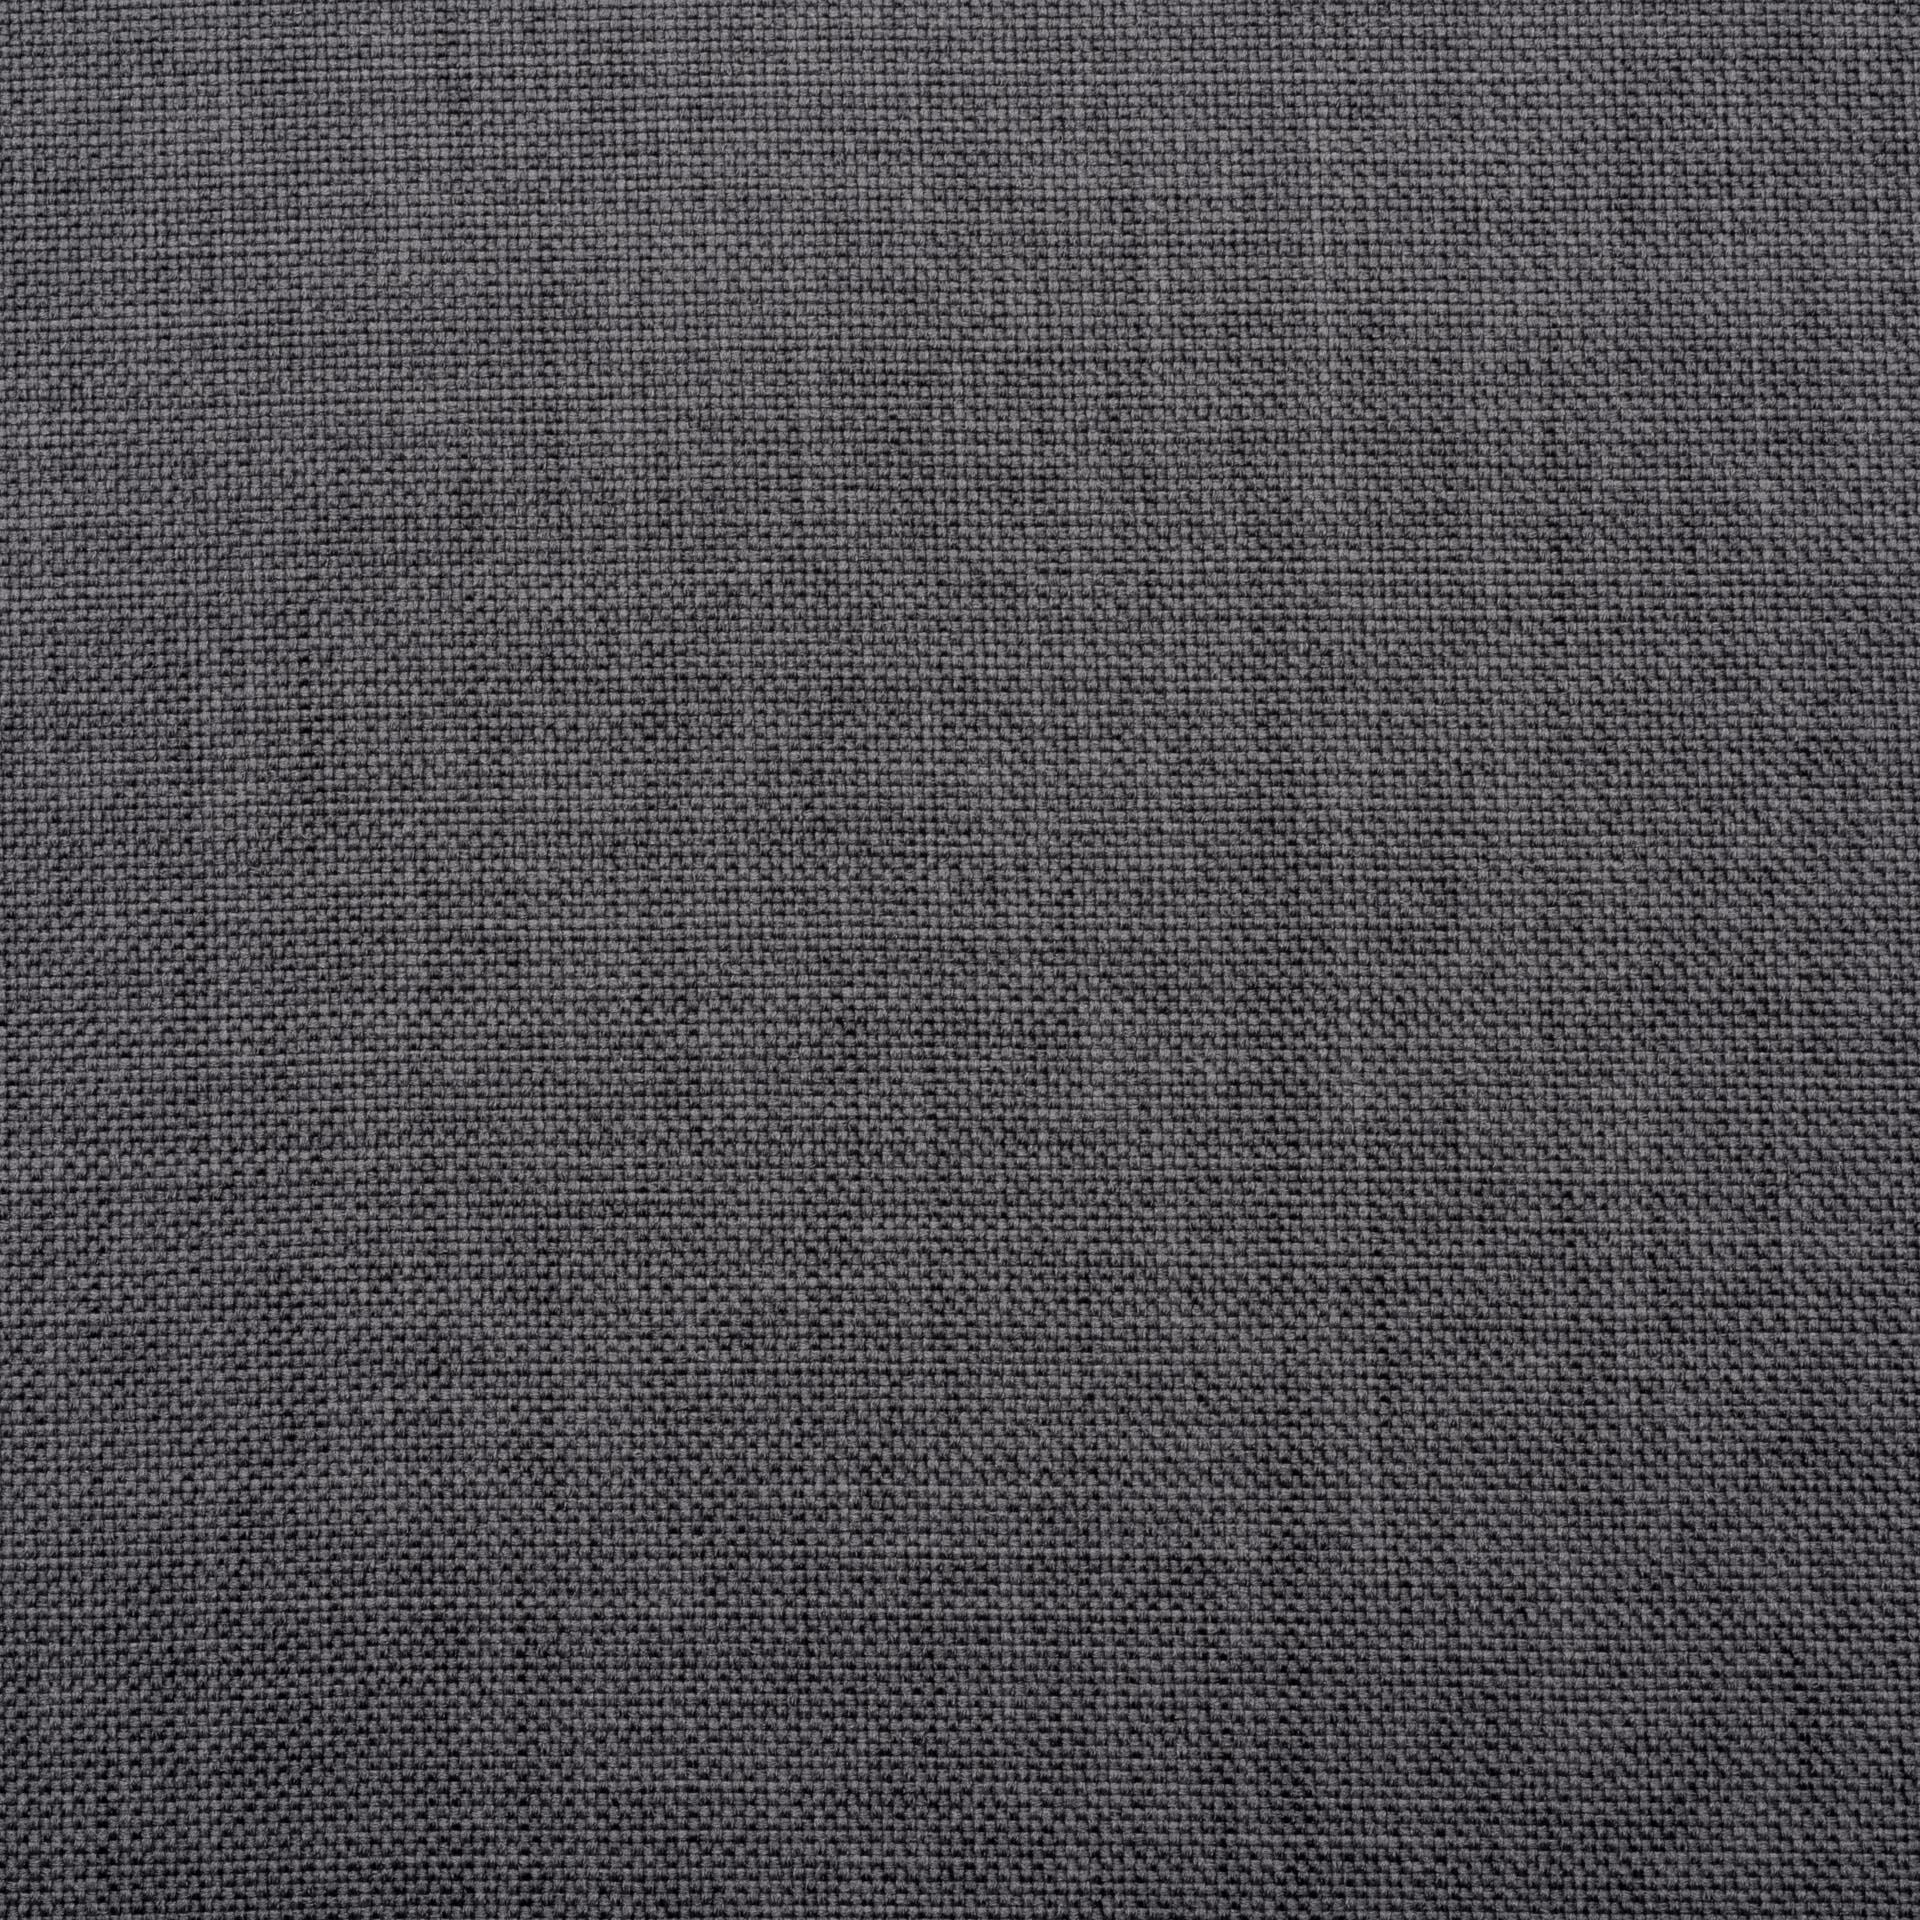 Коллекция ткани Саванна nova 08 Grey,  купить ткань Жаккард для мебели Украина